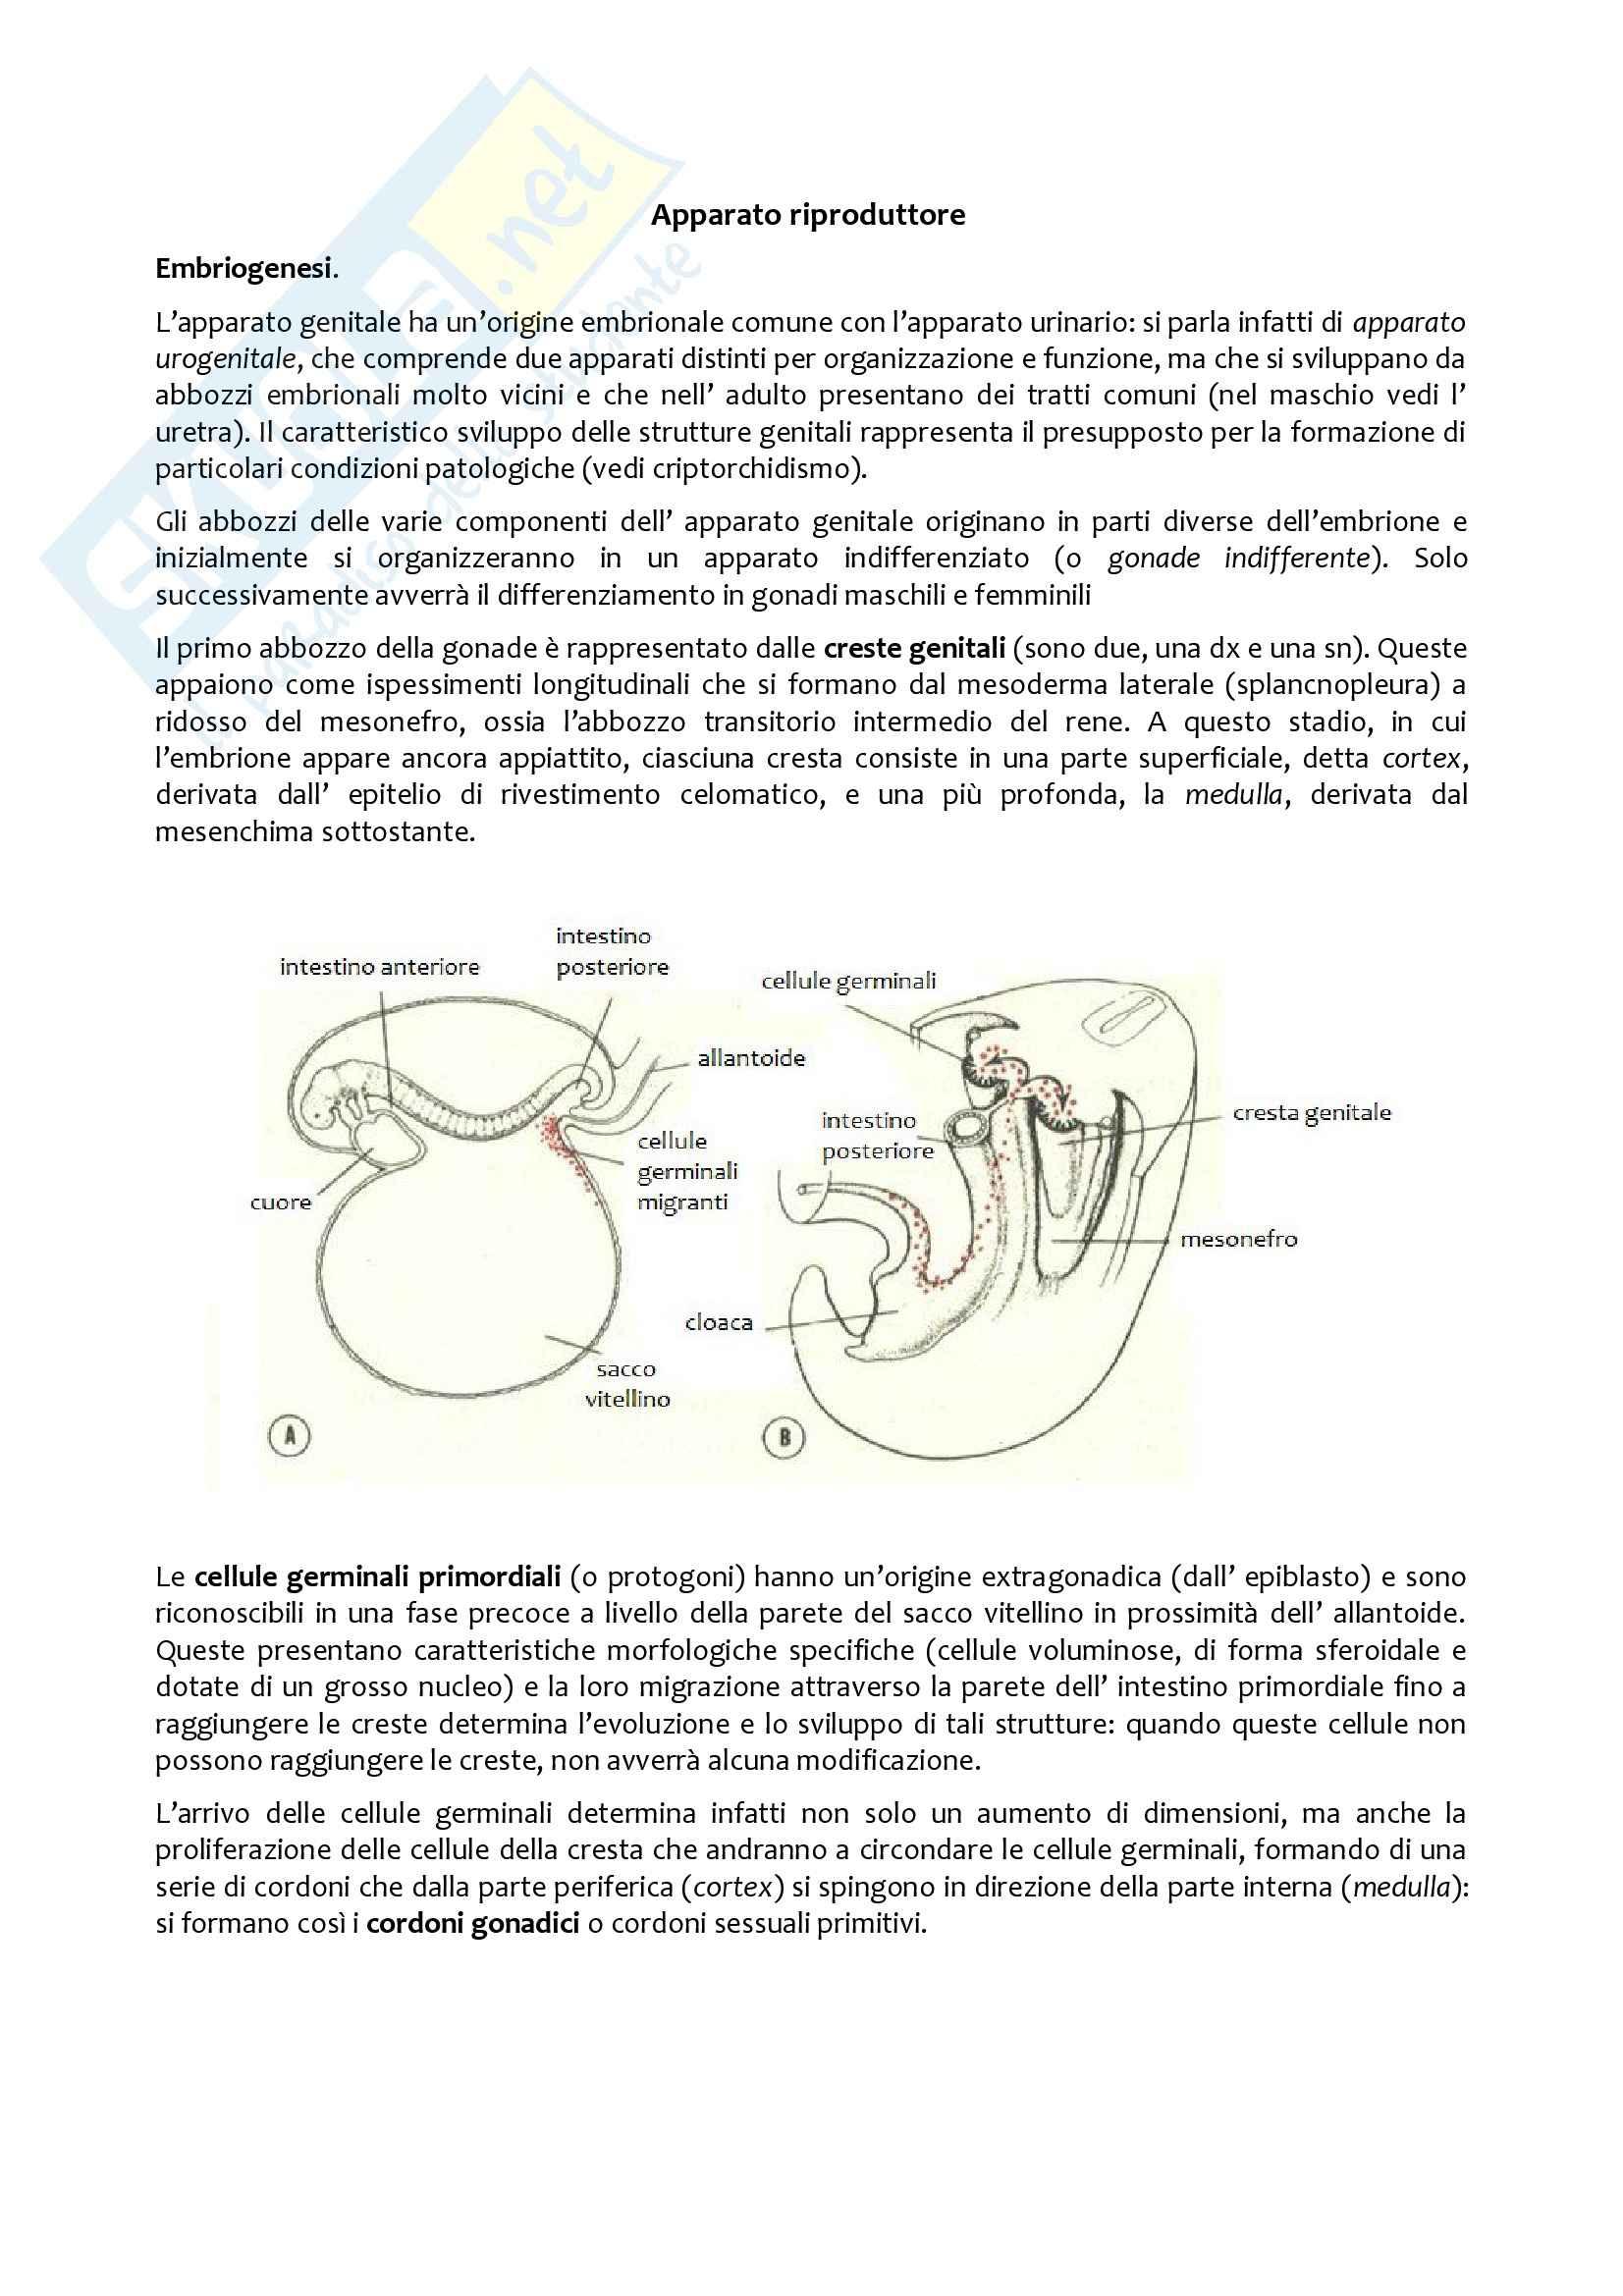 Apparato Riproduttore, Anatomia comparata